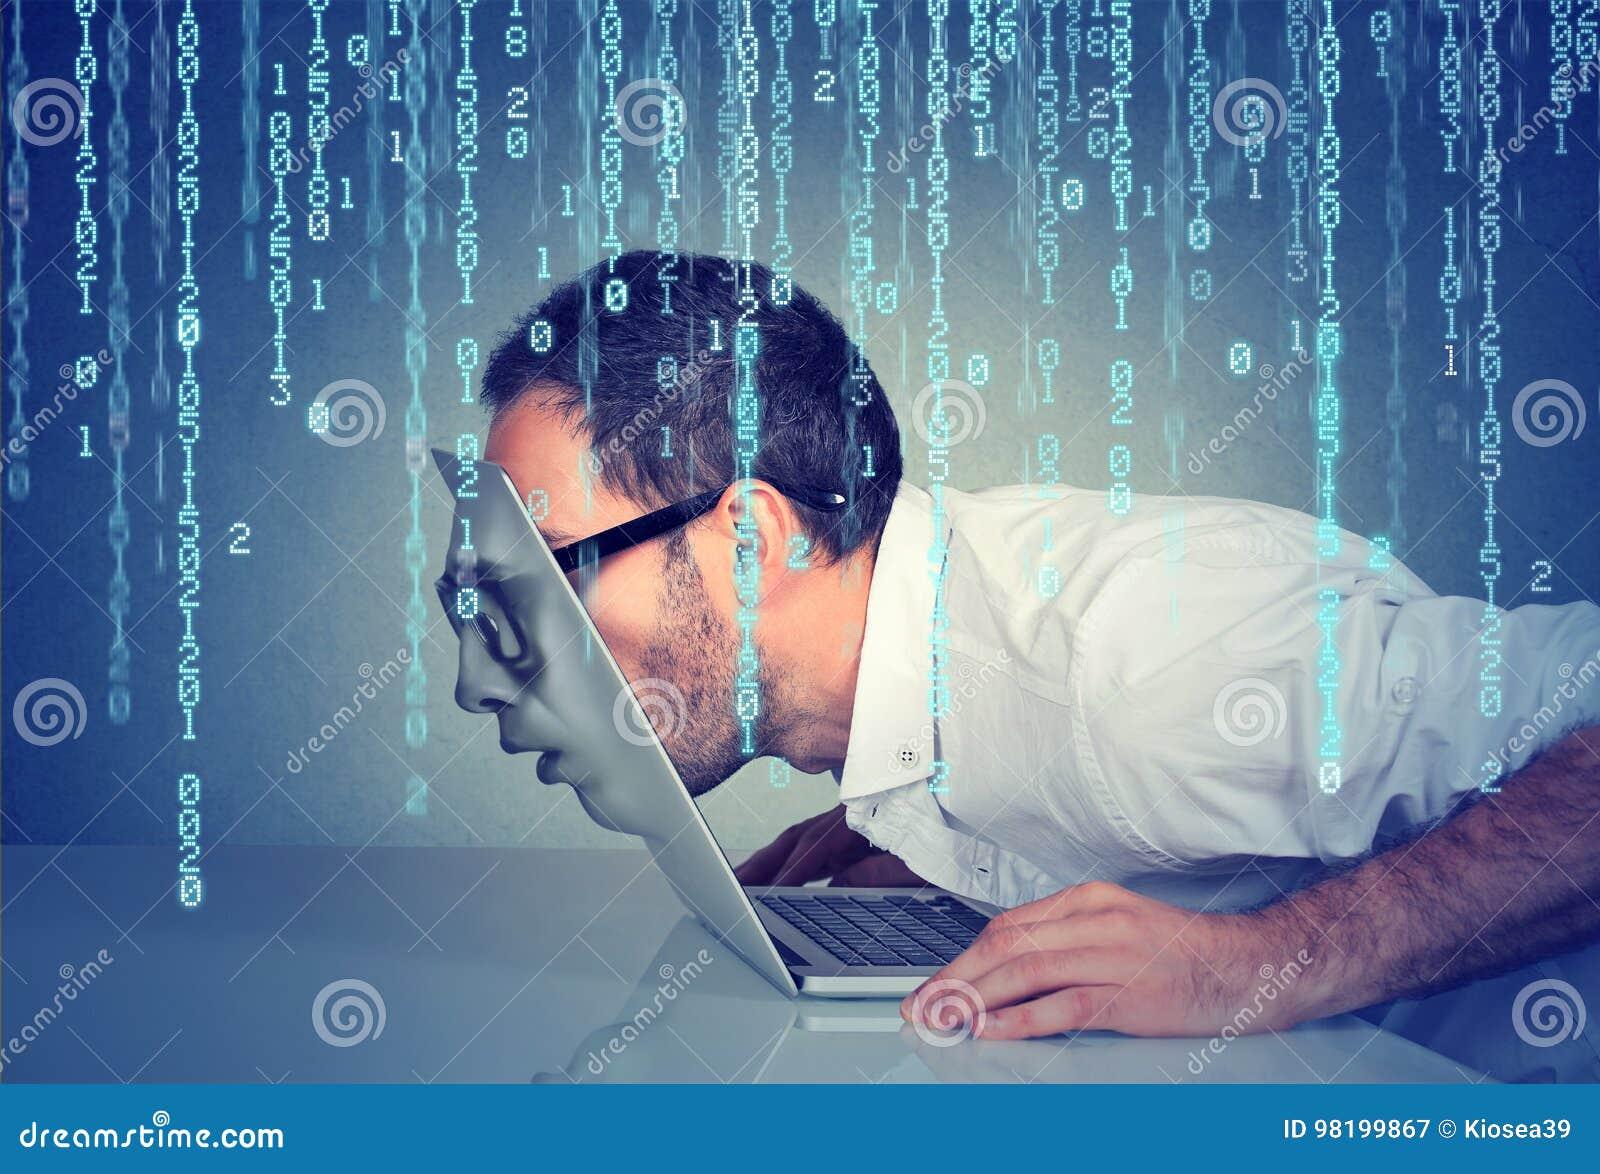 Bedrijfsmens met zijn gezicht die door het scherm van laptop op binaire codeachtergrond overgaan